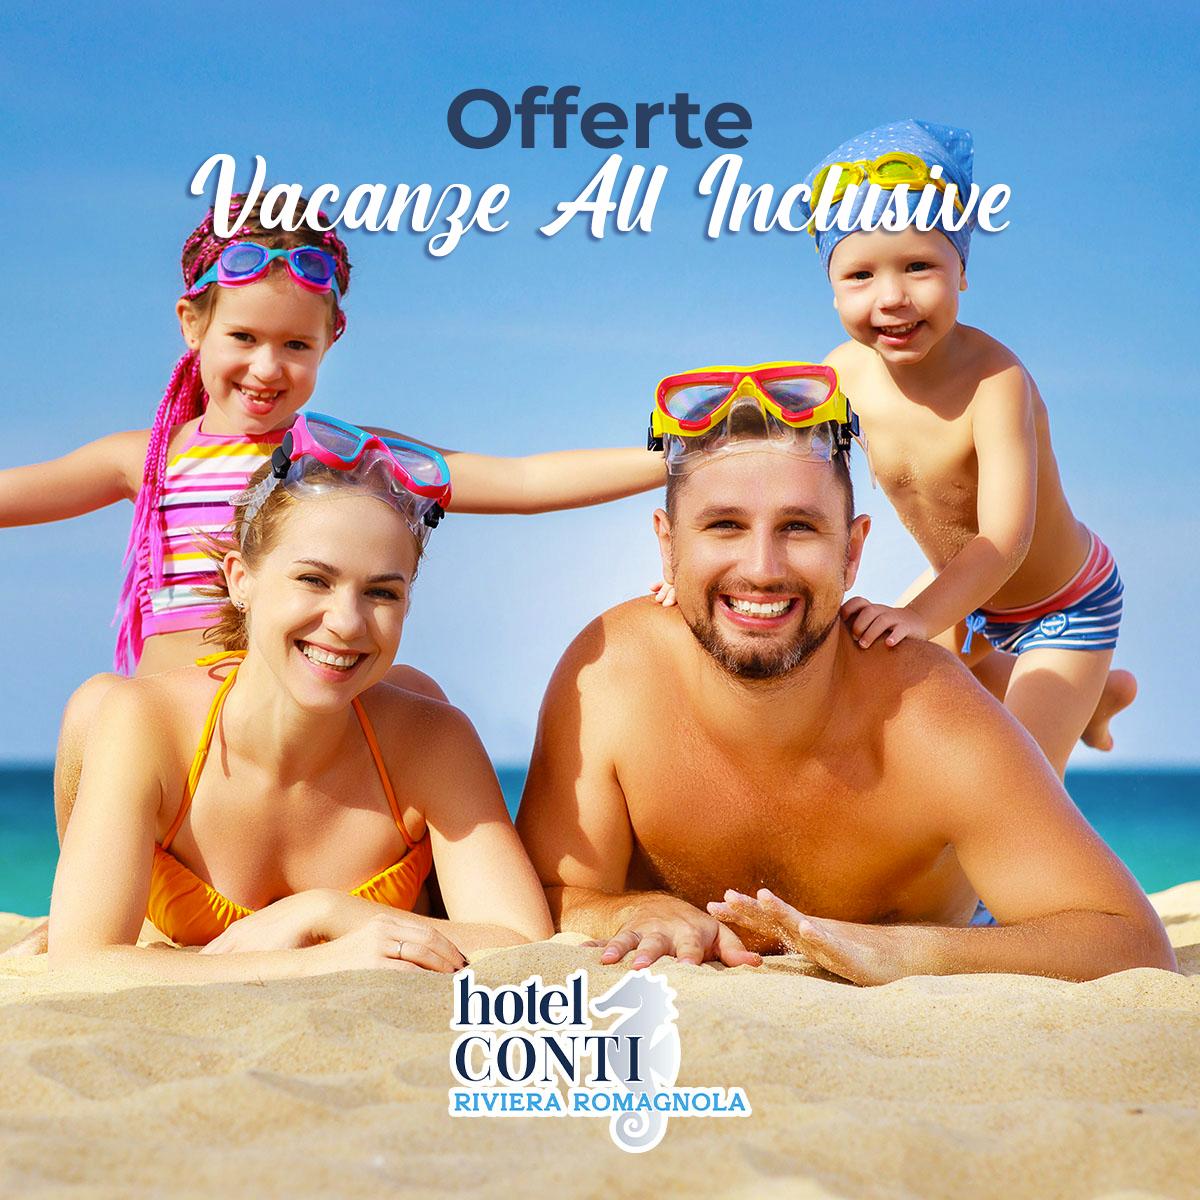 Promozioni settimanali All inclusive in Romagna